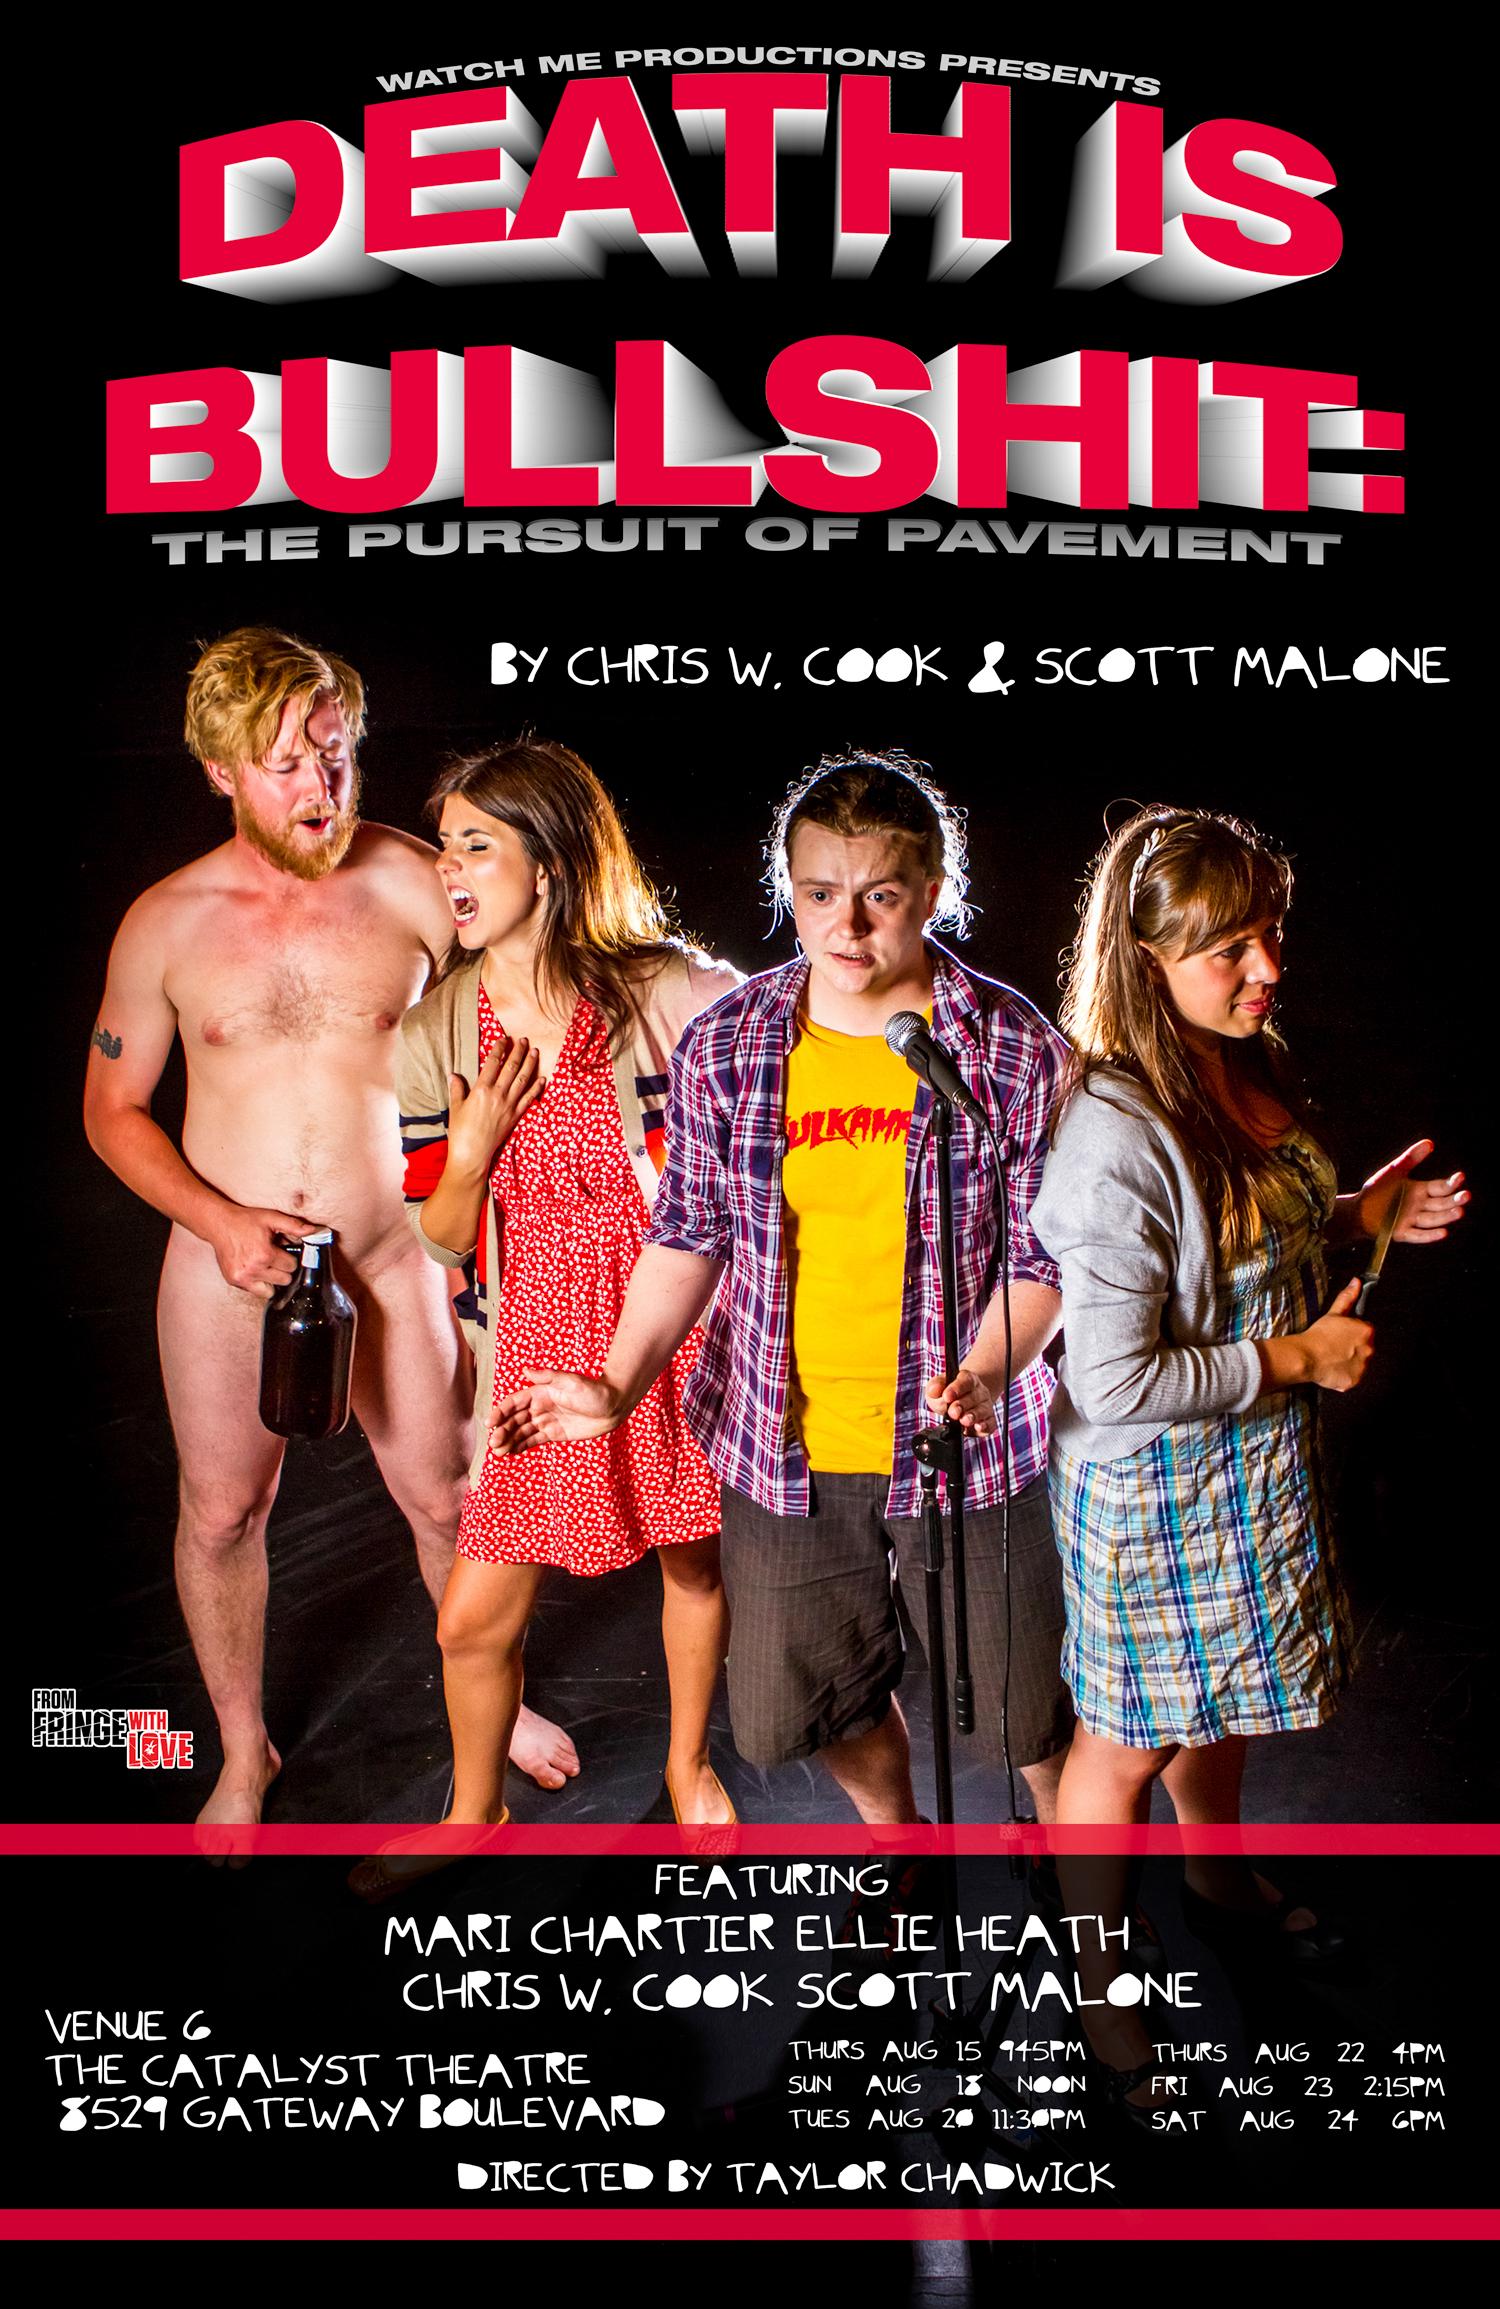 Death-Is-Bullshit-Poster-v2---Web.jpg